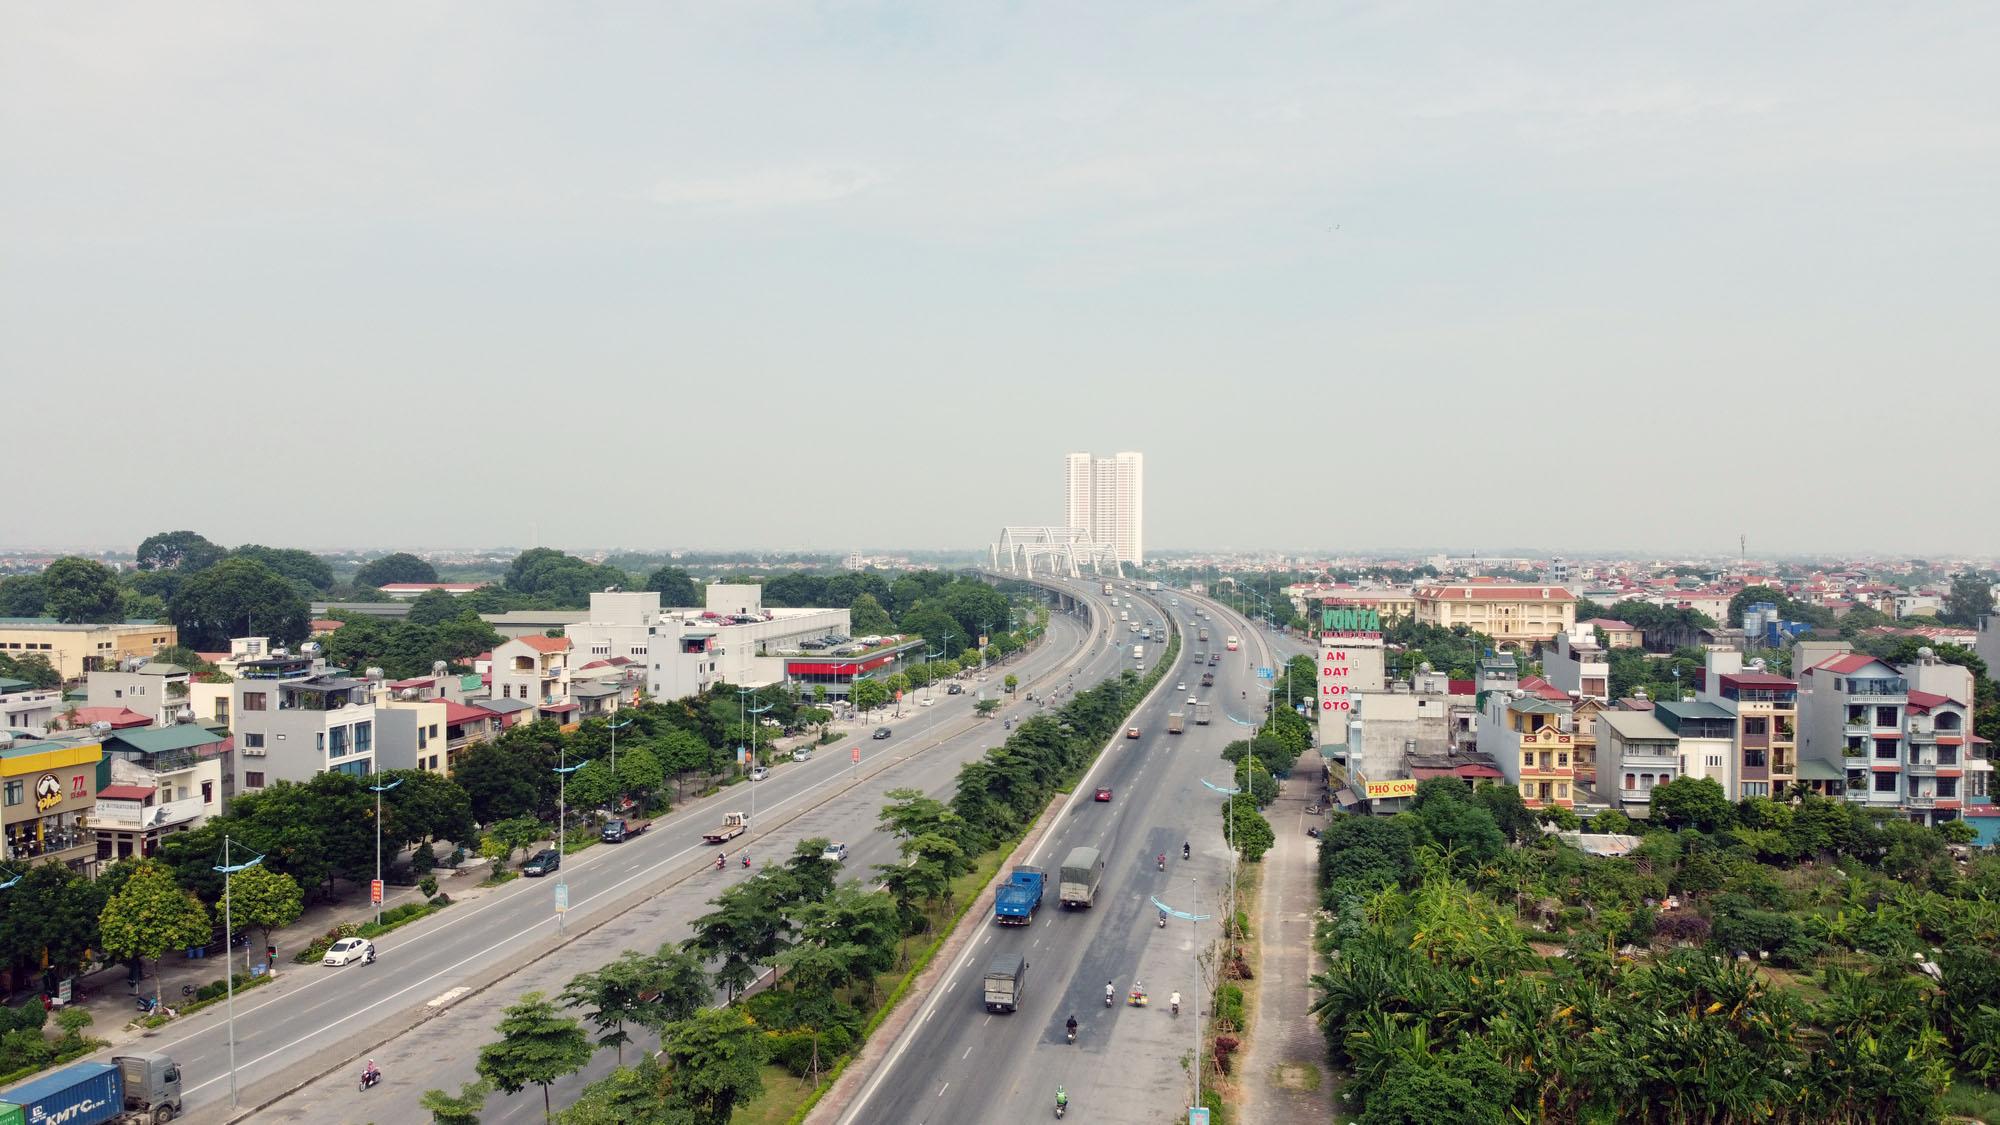 Dự án Eurowindow River Park đang mở bán: Cửa ngõ Đông Bắc Hà Nội, view hai sông lớn - Ảnh 14.